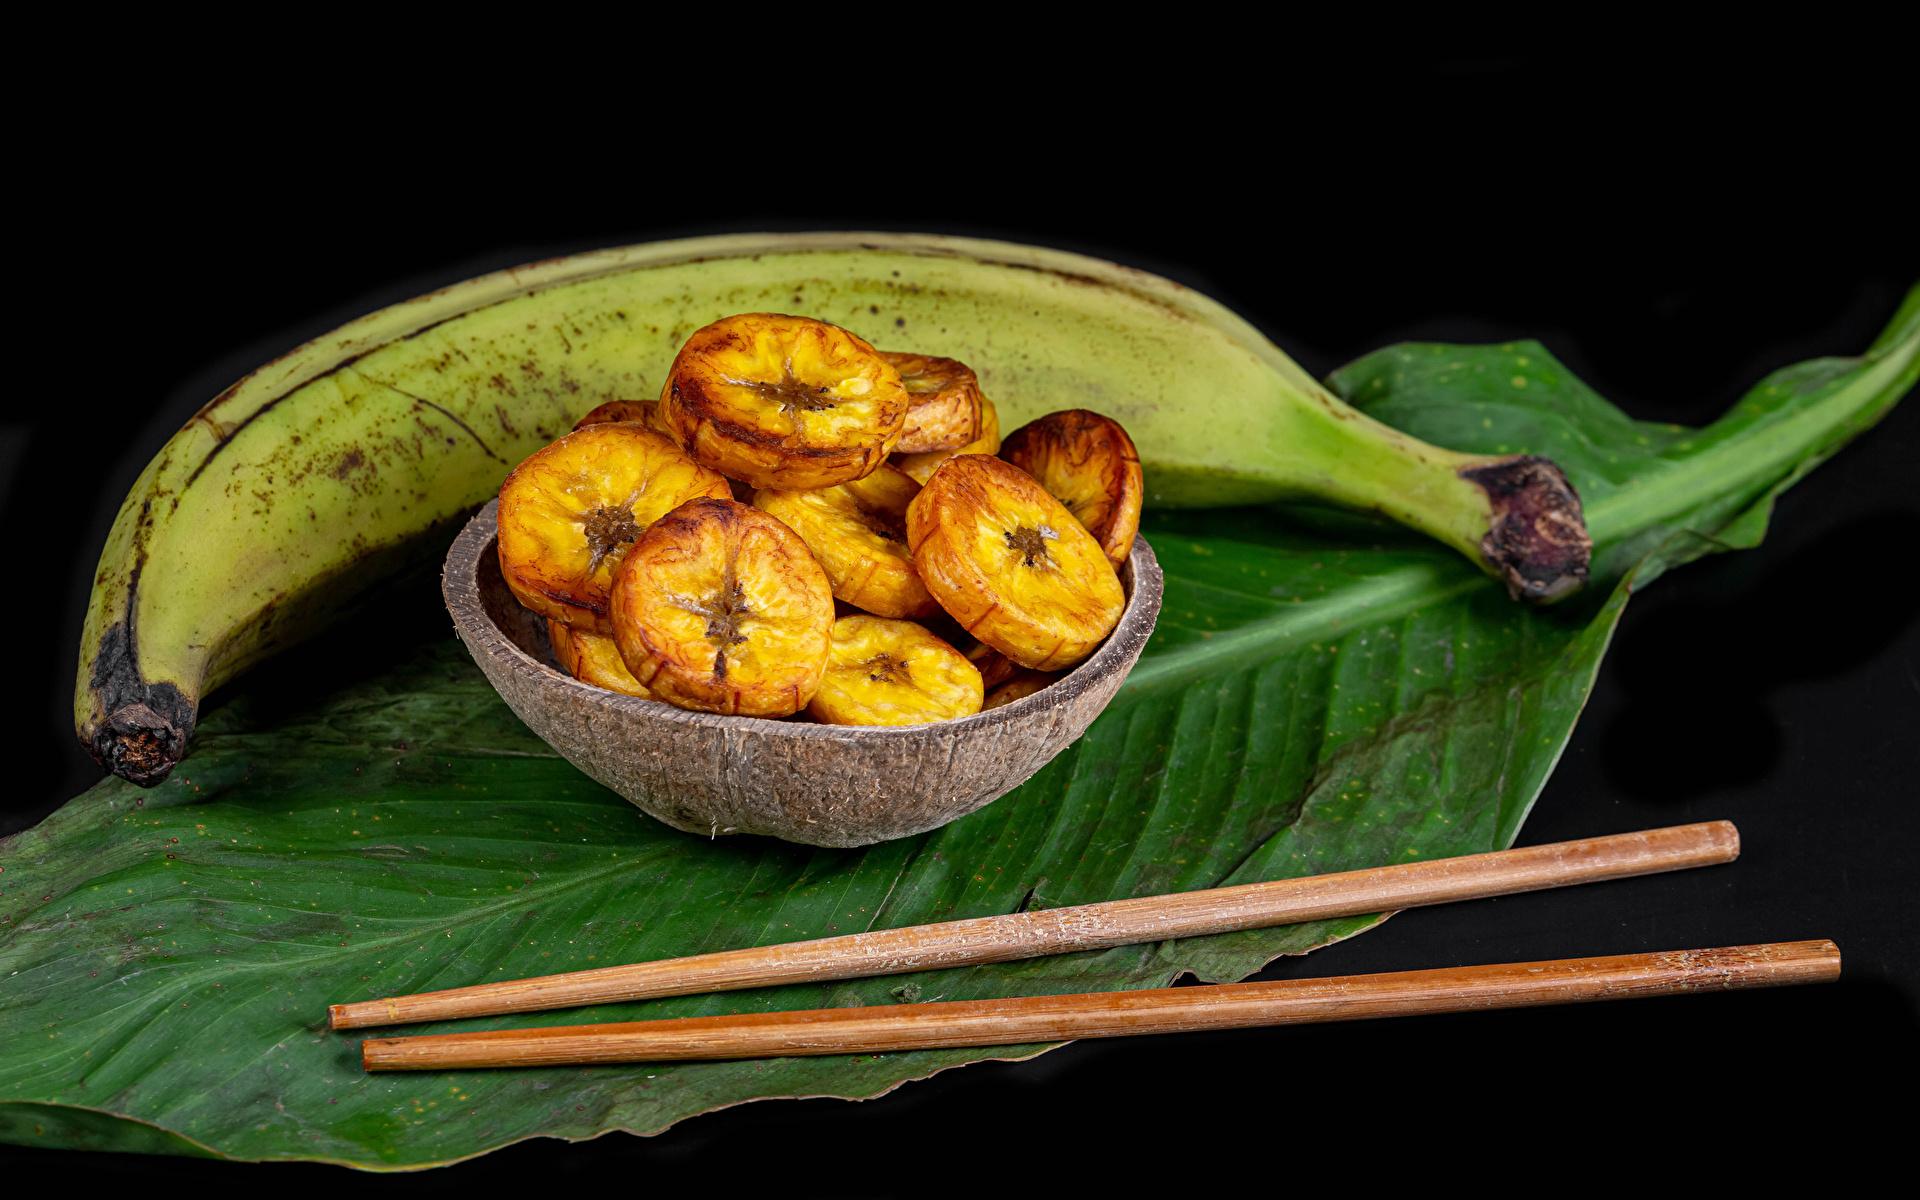 Картинки Листья Бананы Еда Палочки для еды Черный фон 1920x1200 лист Листва Пища Продукты питания на черном фоне